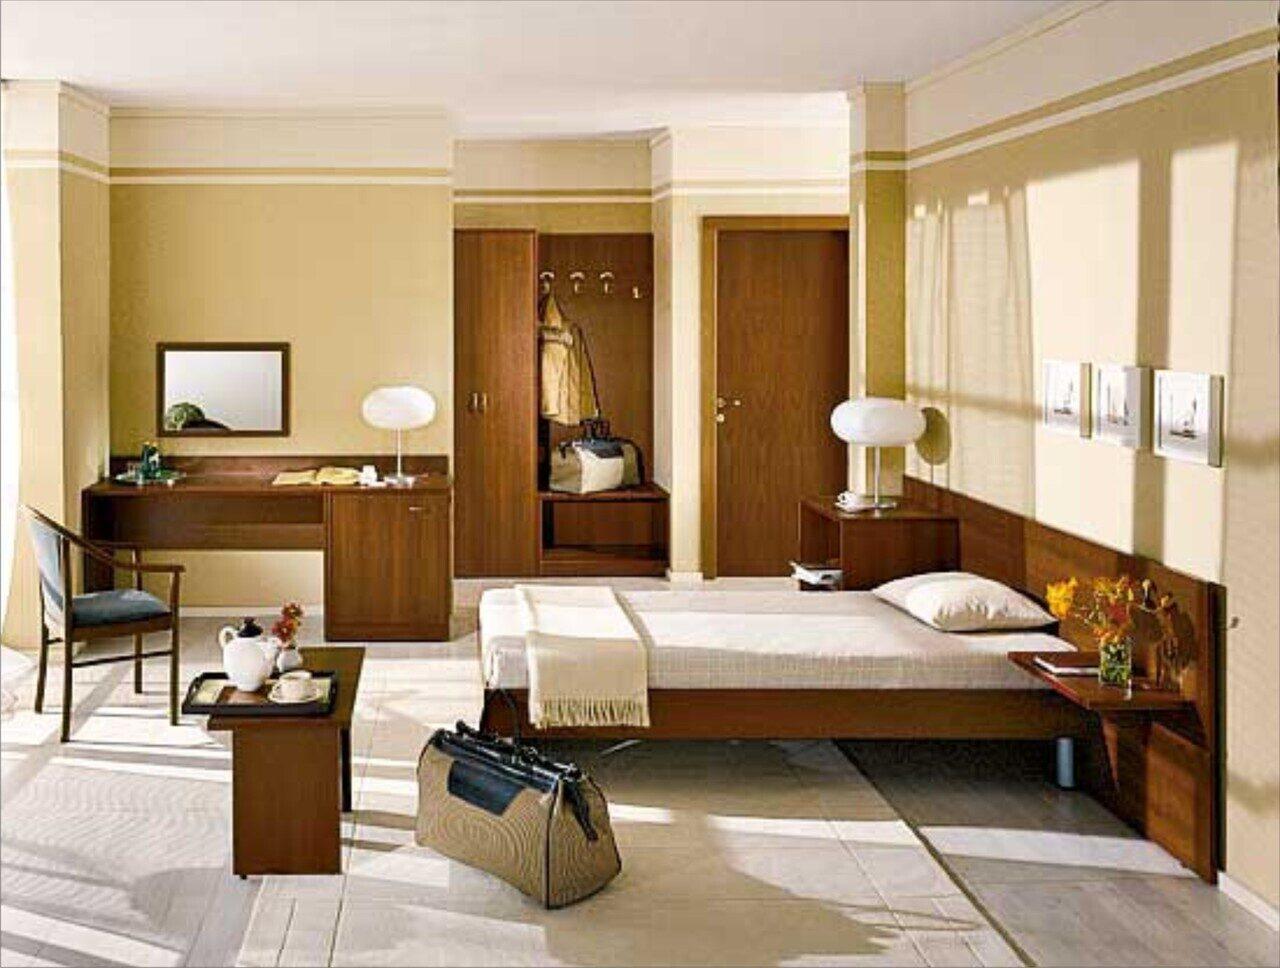 Мебель дизайн мебель отель